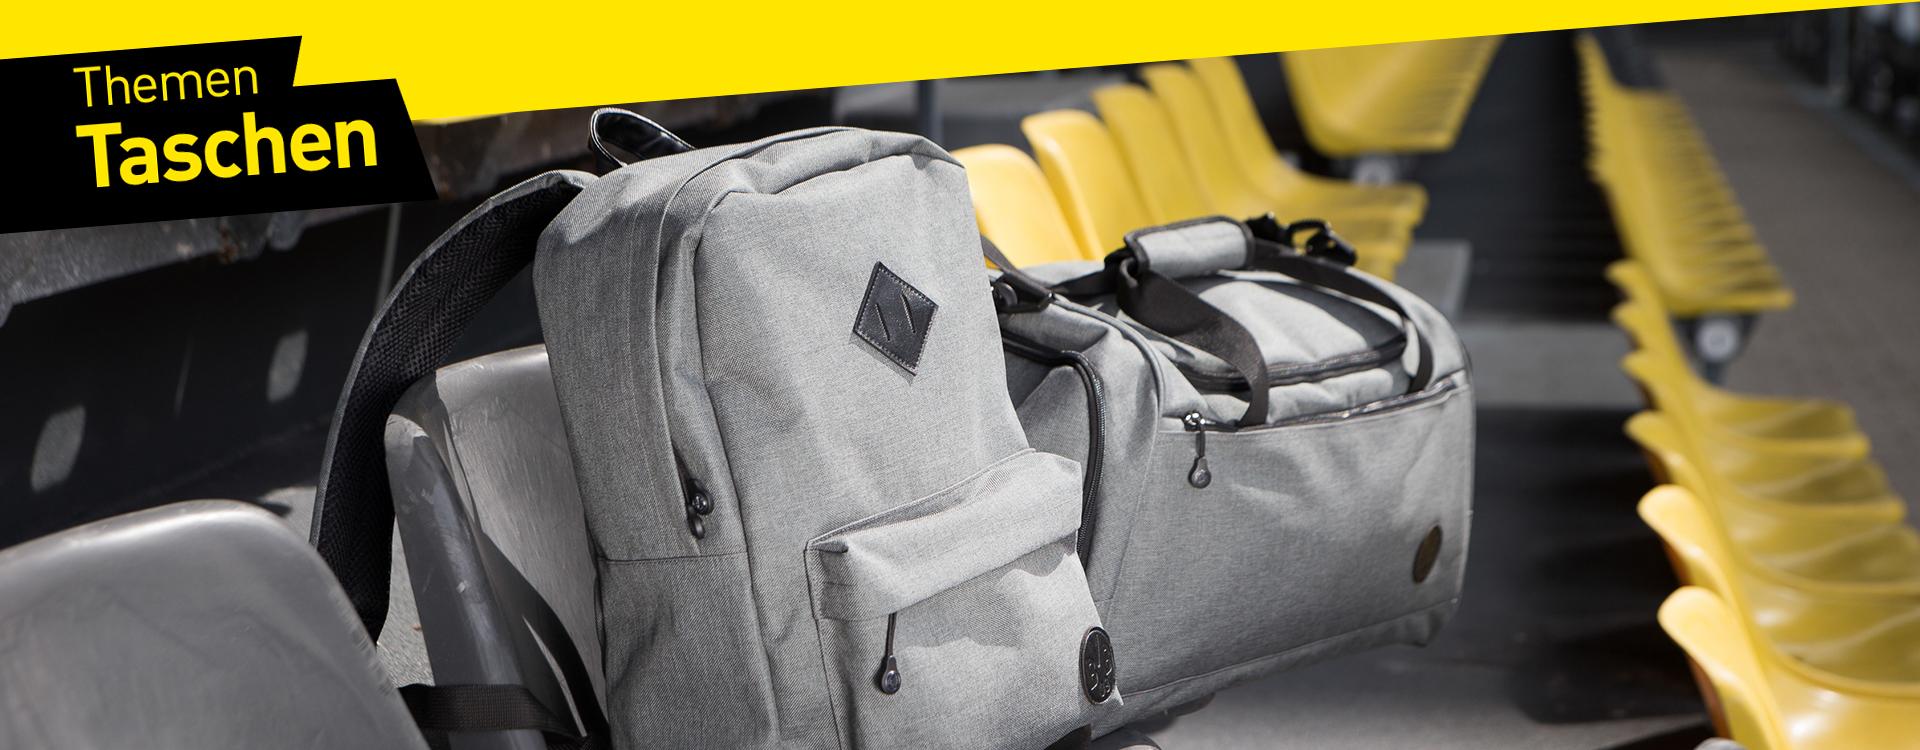 Kategorie-Themen-Taschen